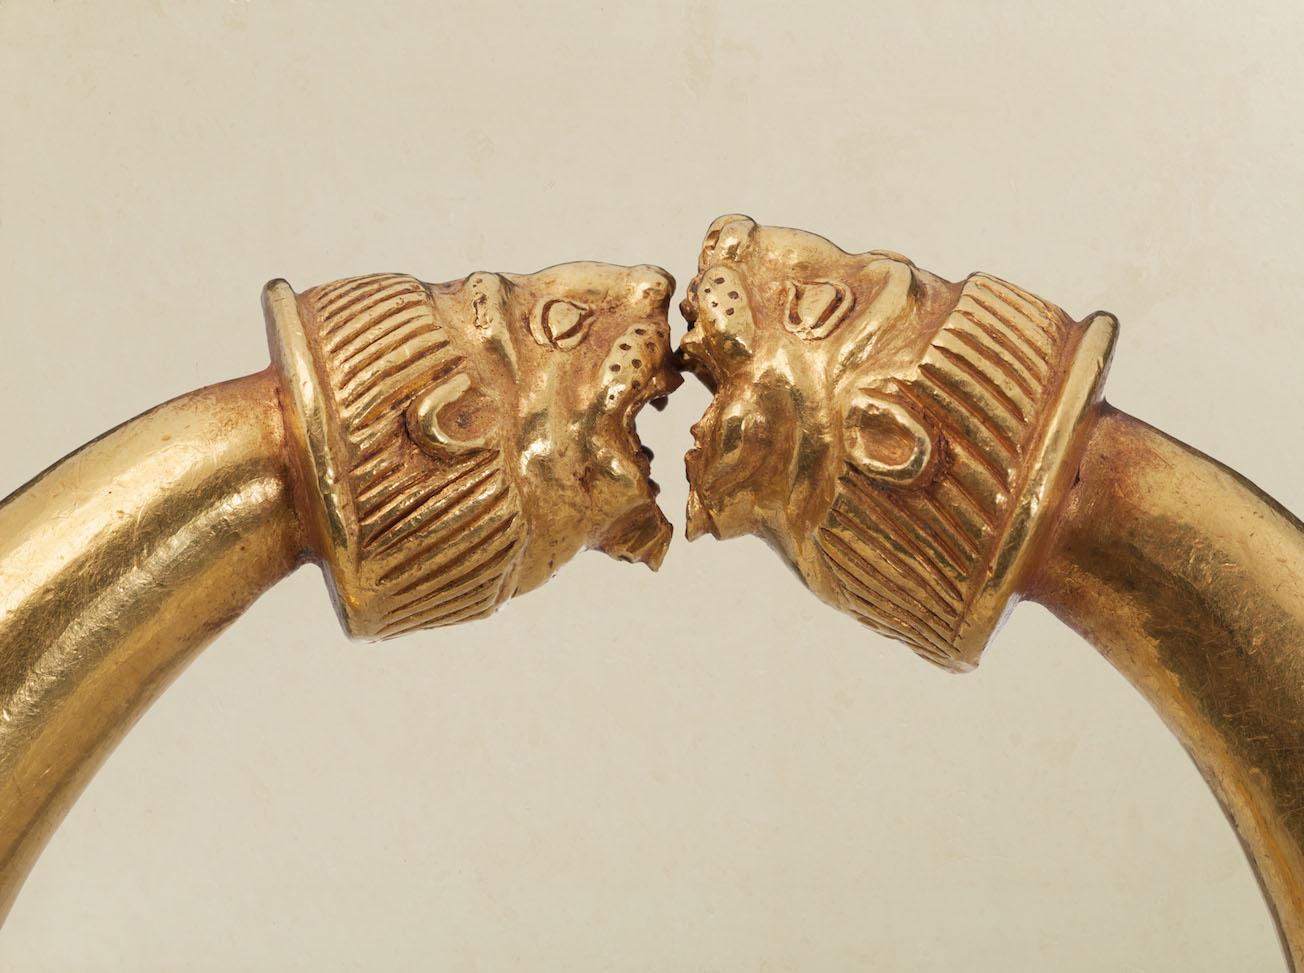 KG0013-Pair-of-Gold-Lion-head-Bracelets-detail-Credit-Kallos-Gallery-_-Steve-Wakeham_LOW.jpg